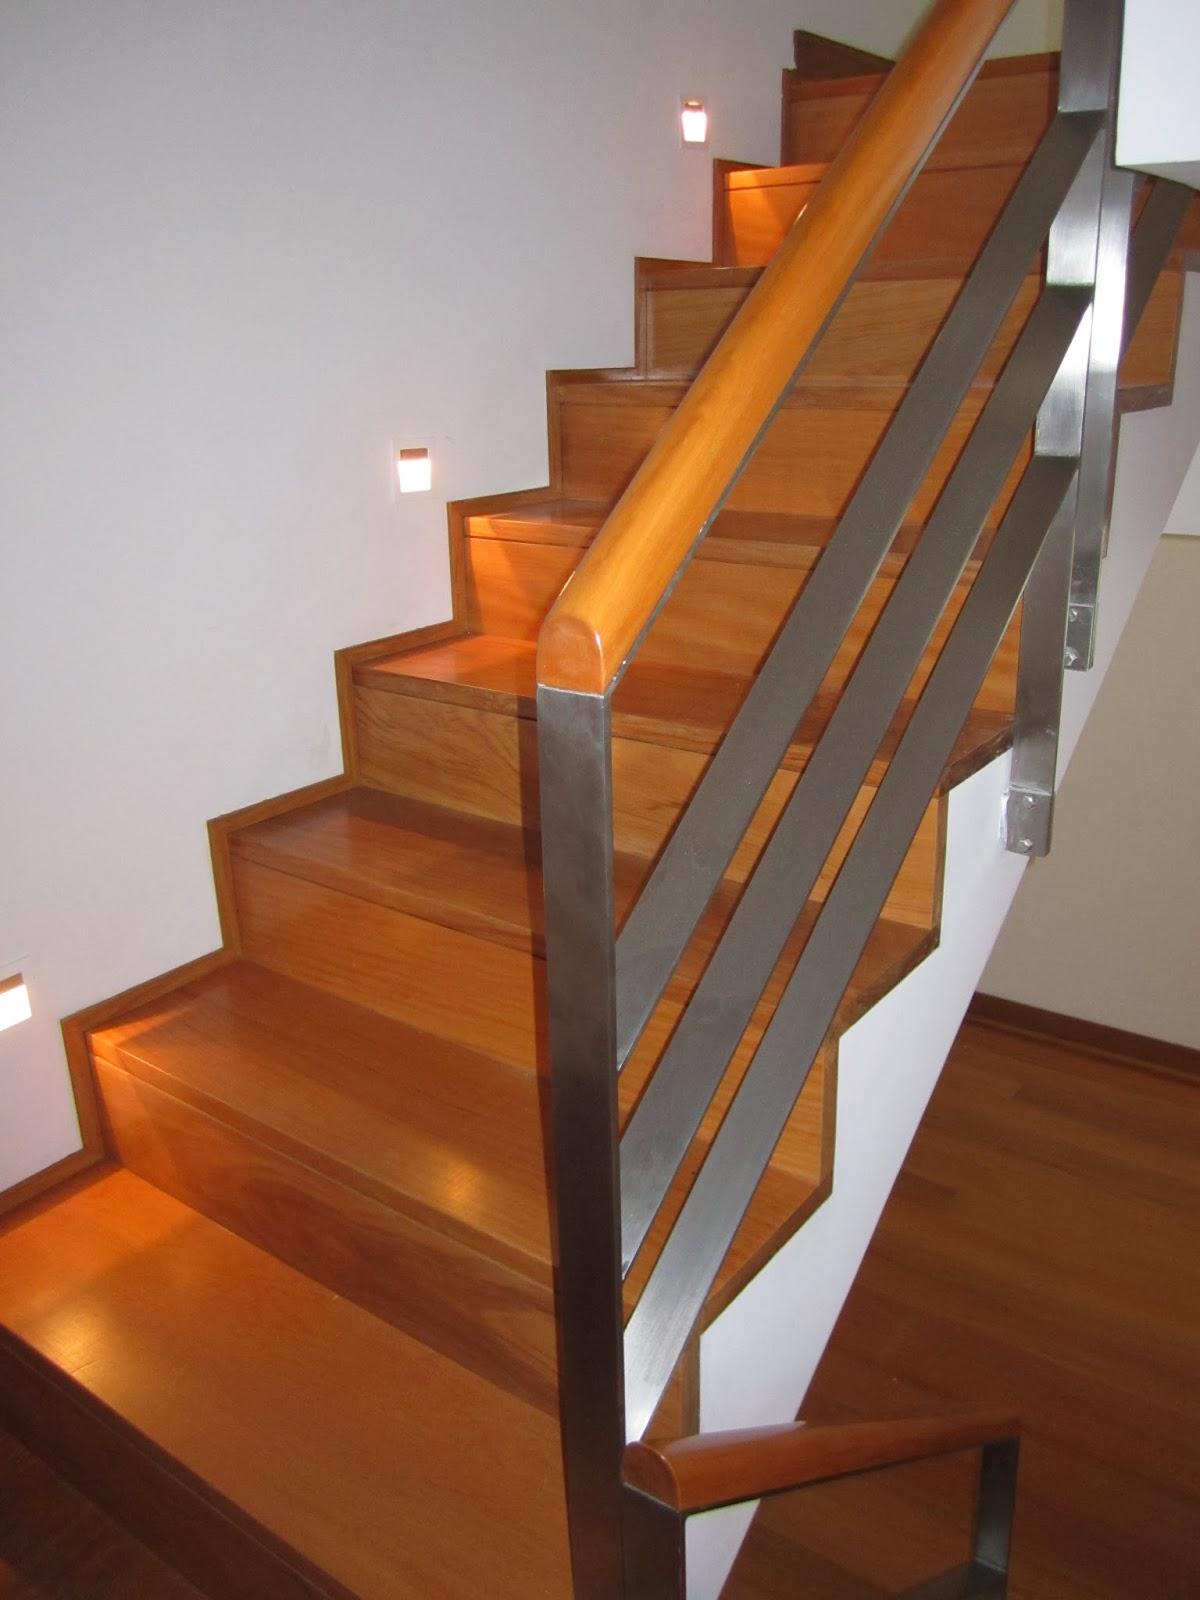 pisos mick escaleras y pasos de escalera ForEscalera 5 Pasos Afuera